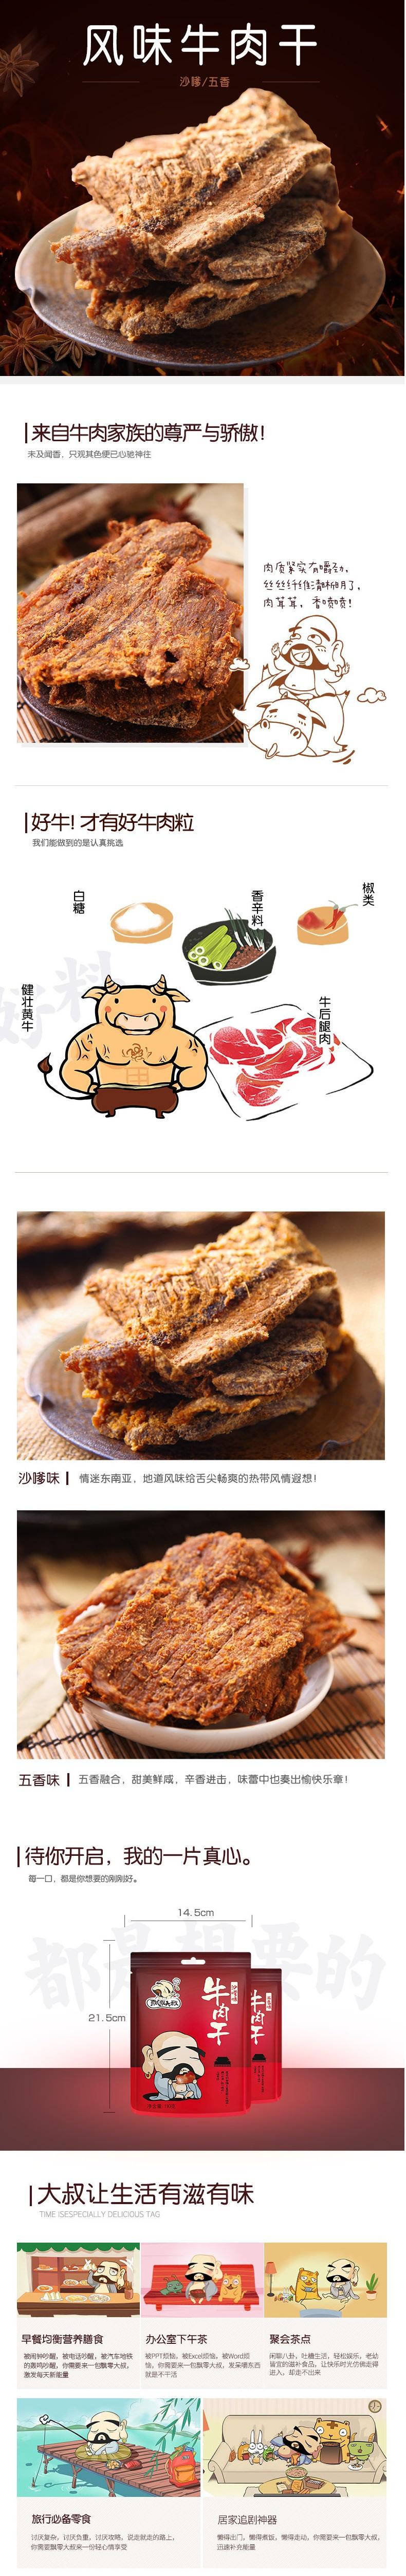 安徽特产   飘零大叔五香牛肉干110g小包装休闲零食分享装小吃